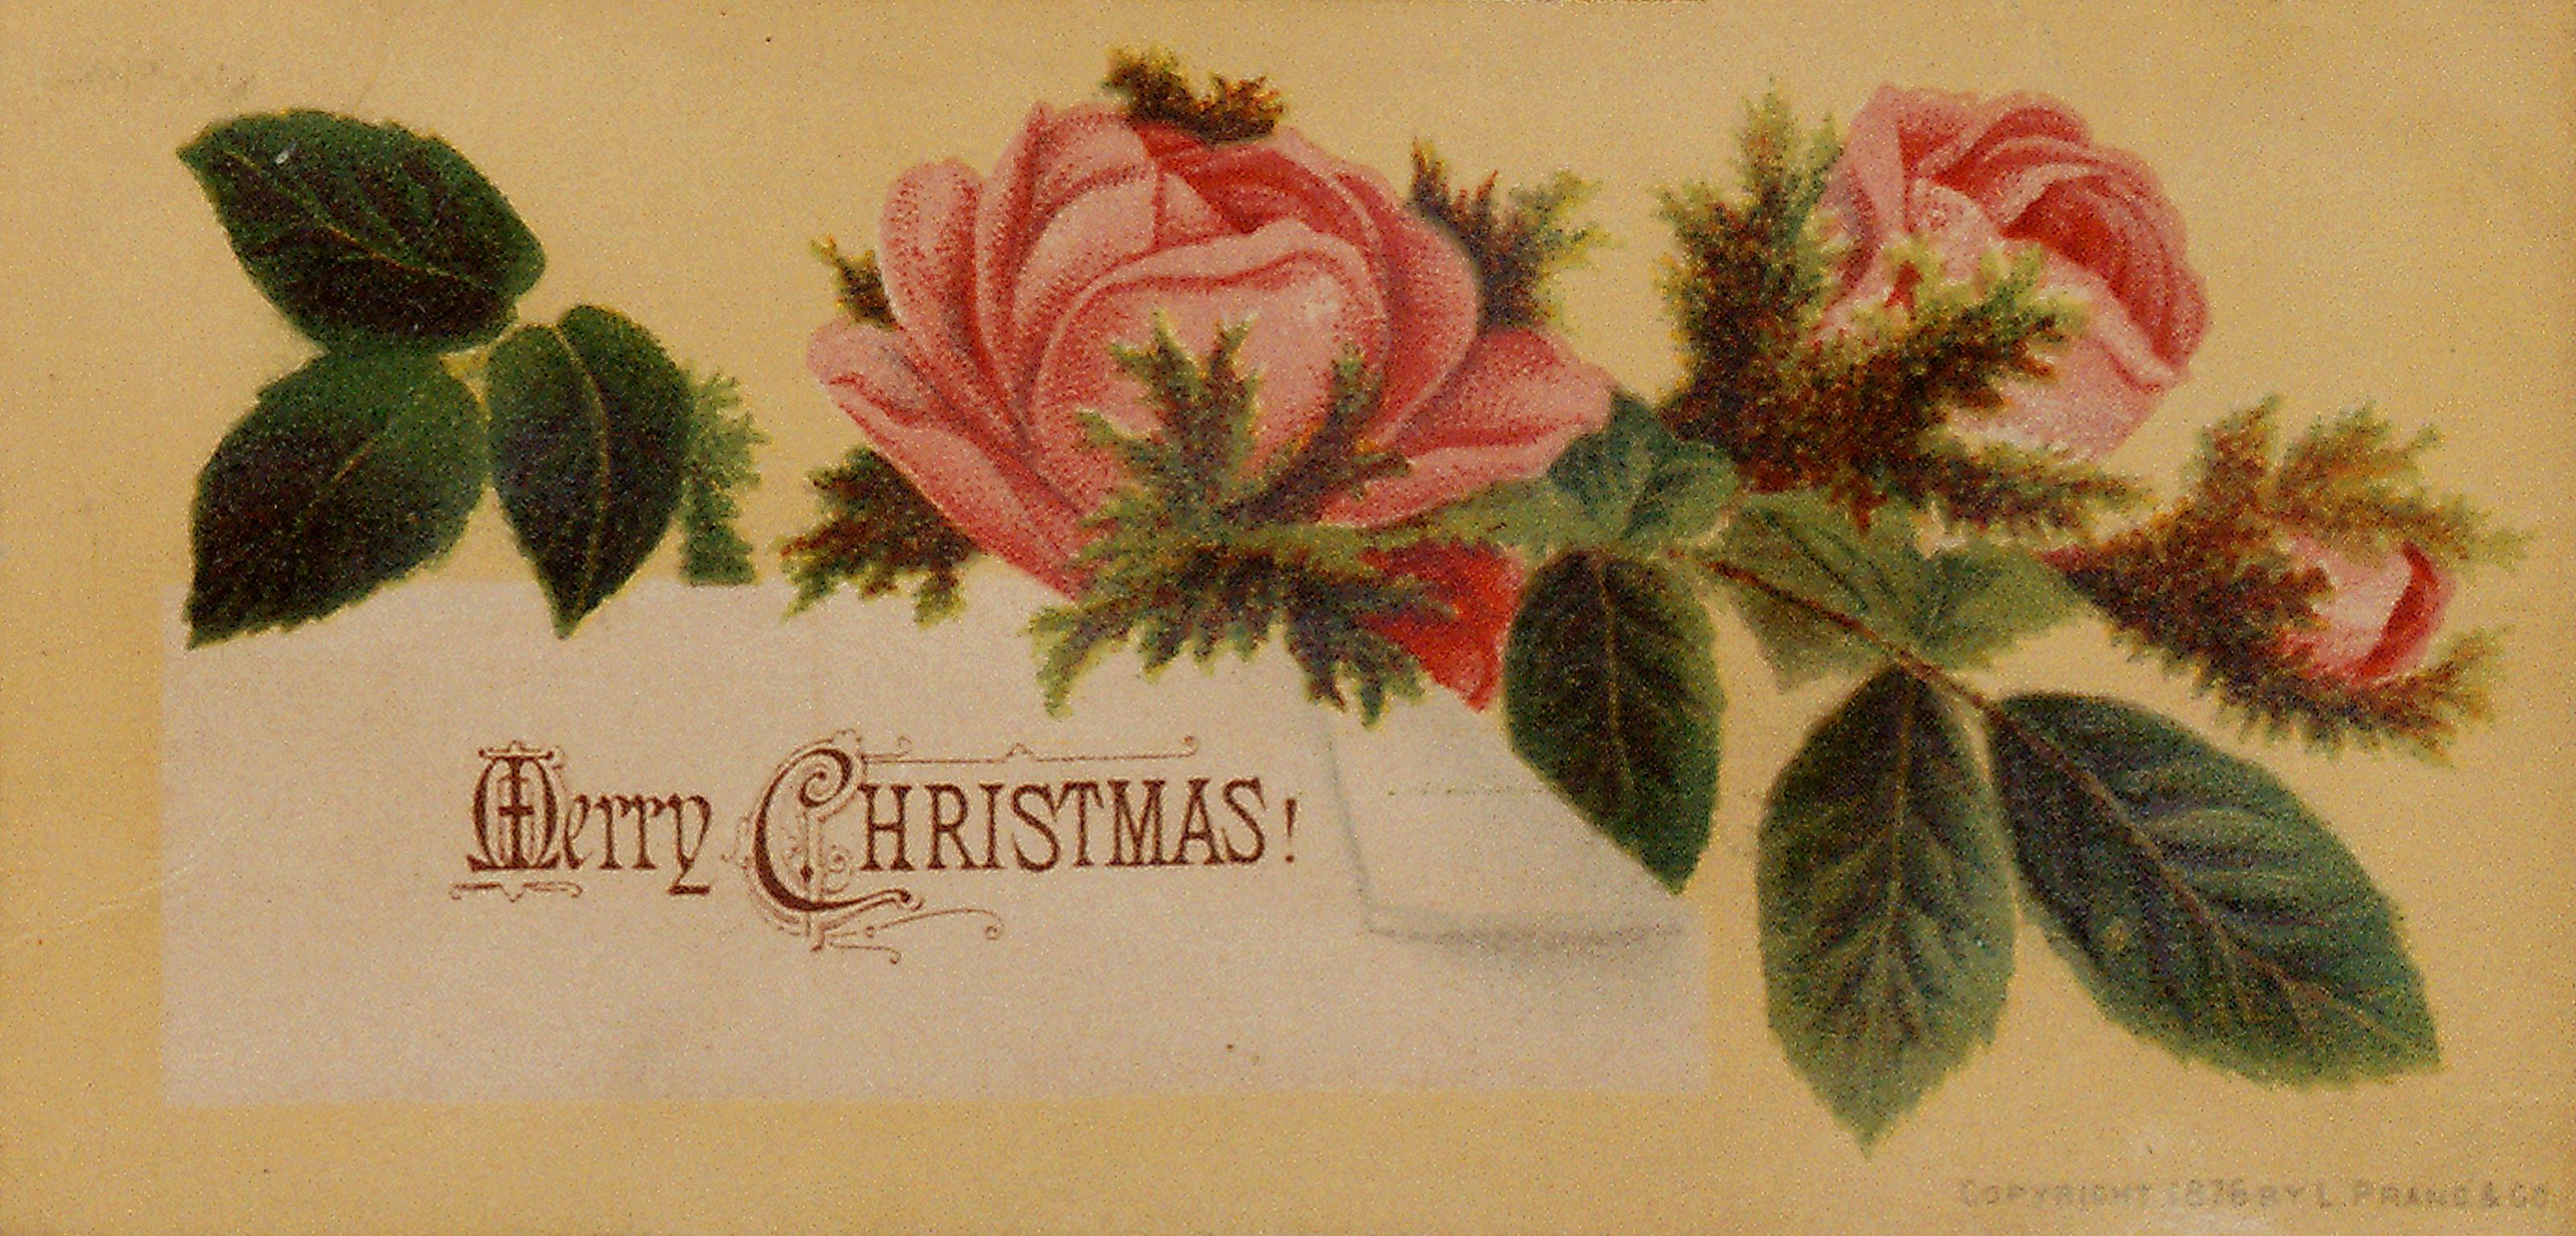 prang-Christmas-card